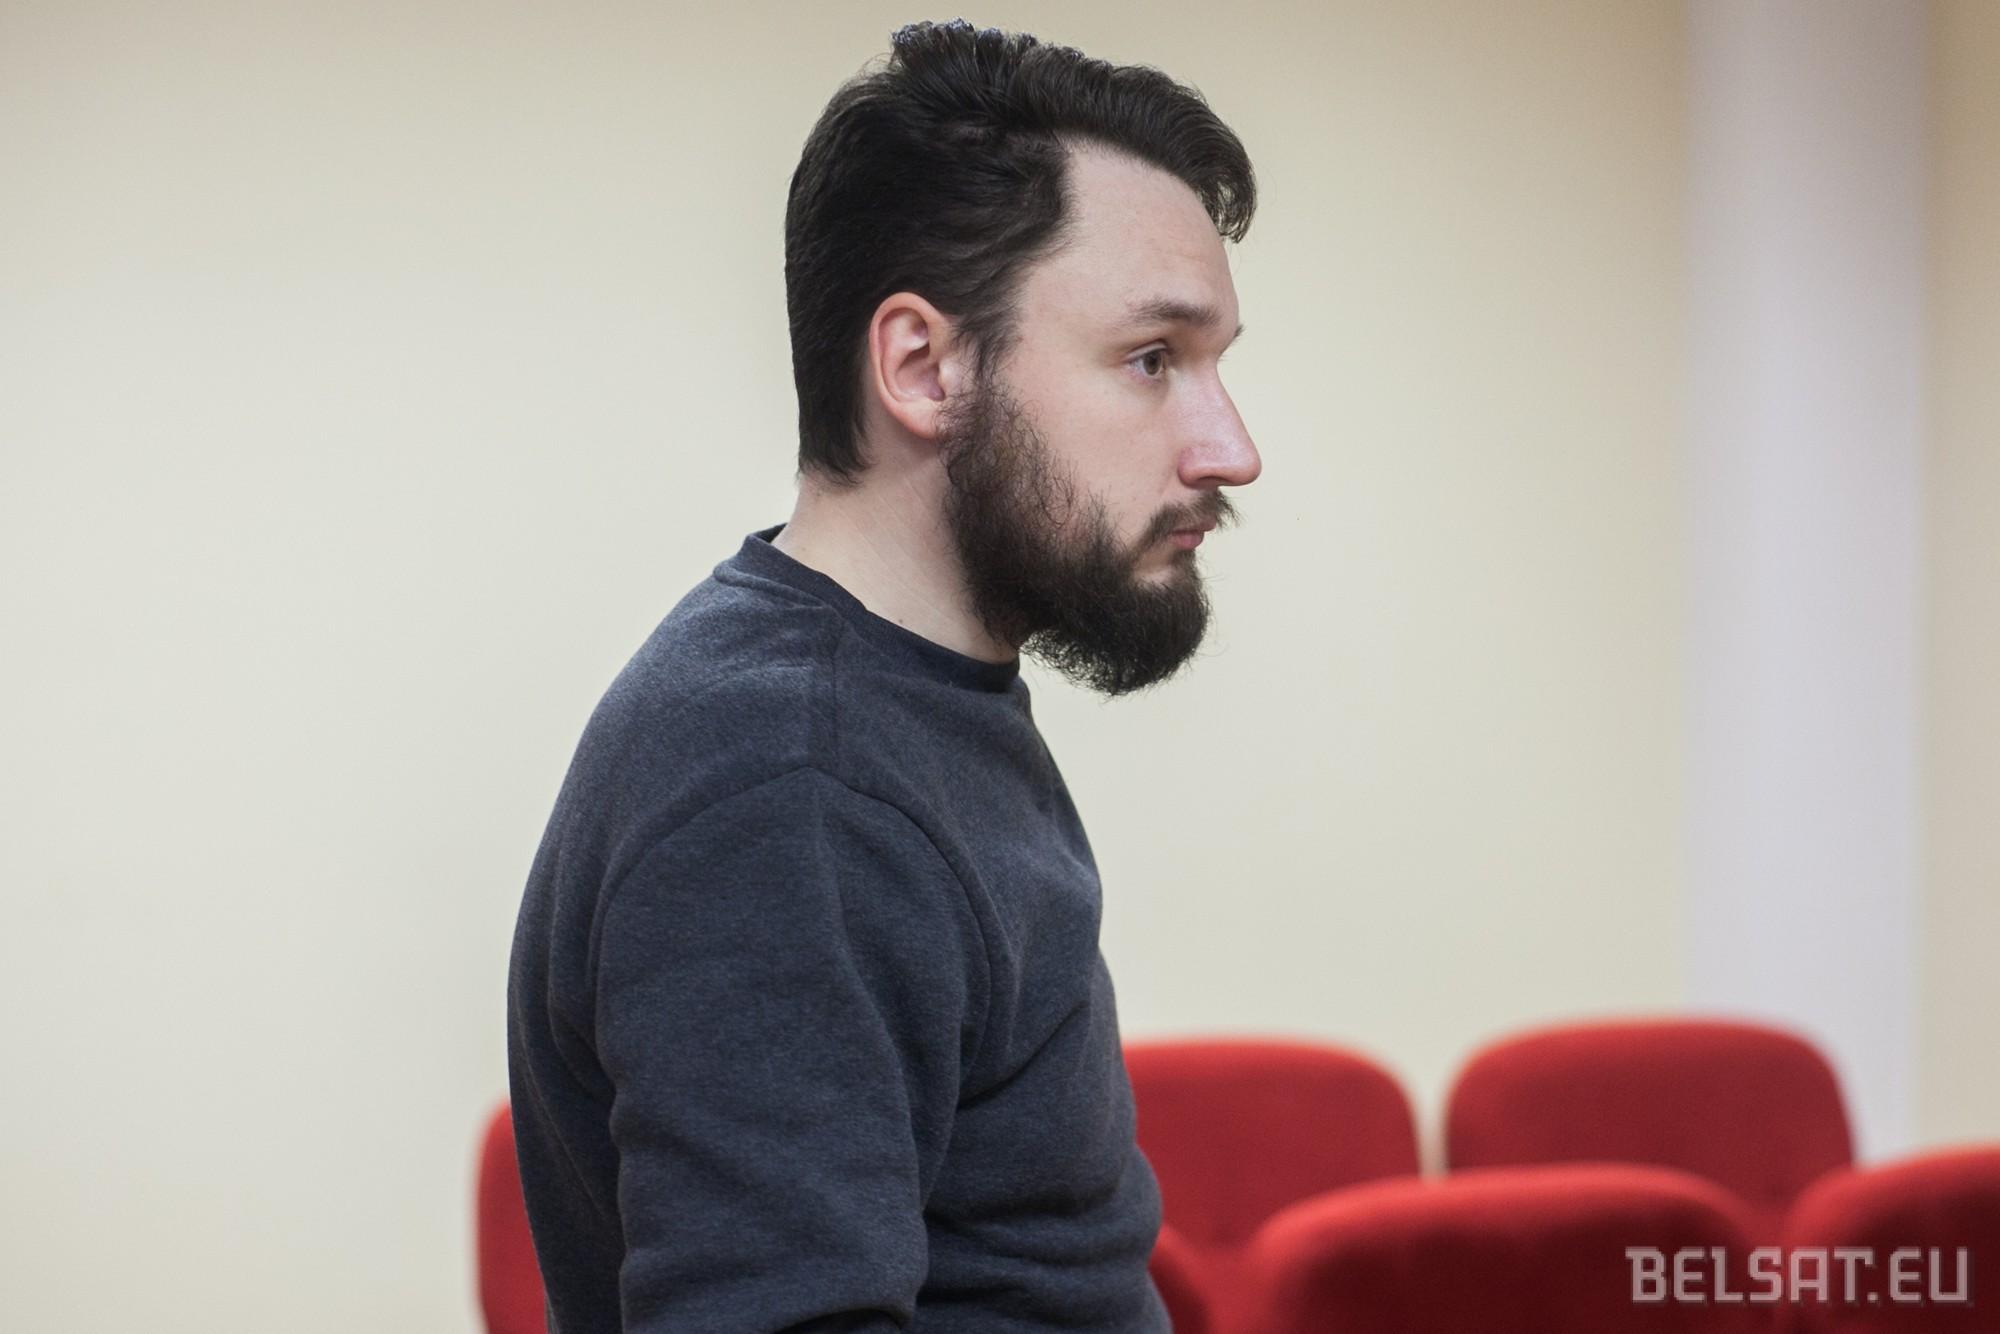 Гродзенскі «Кінавідэапракат» прайграў суд з Hrodna.life і студэнткай, якая раскрытыкавала кінатэатры